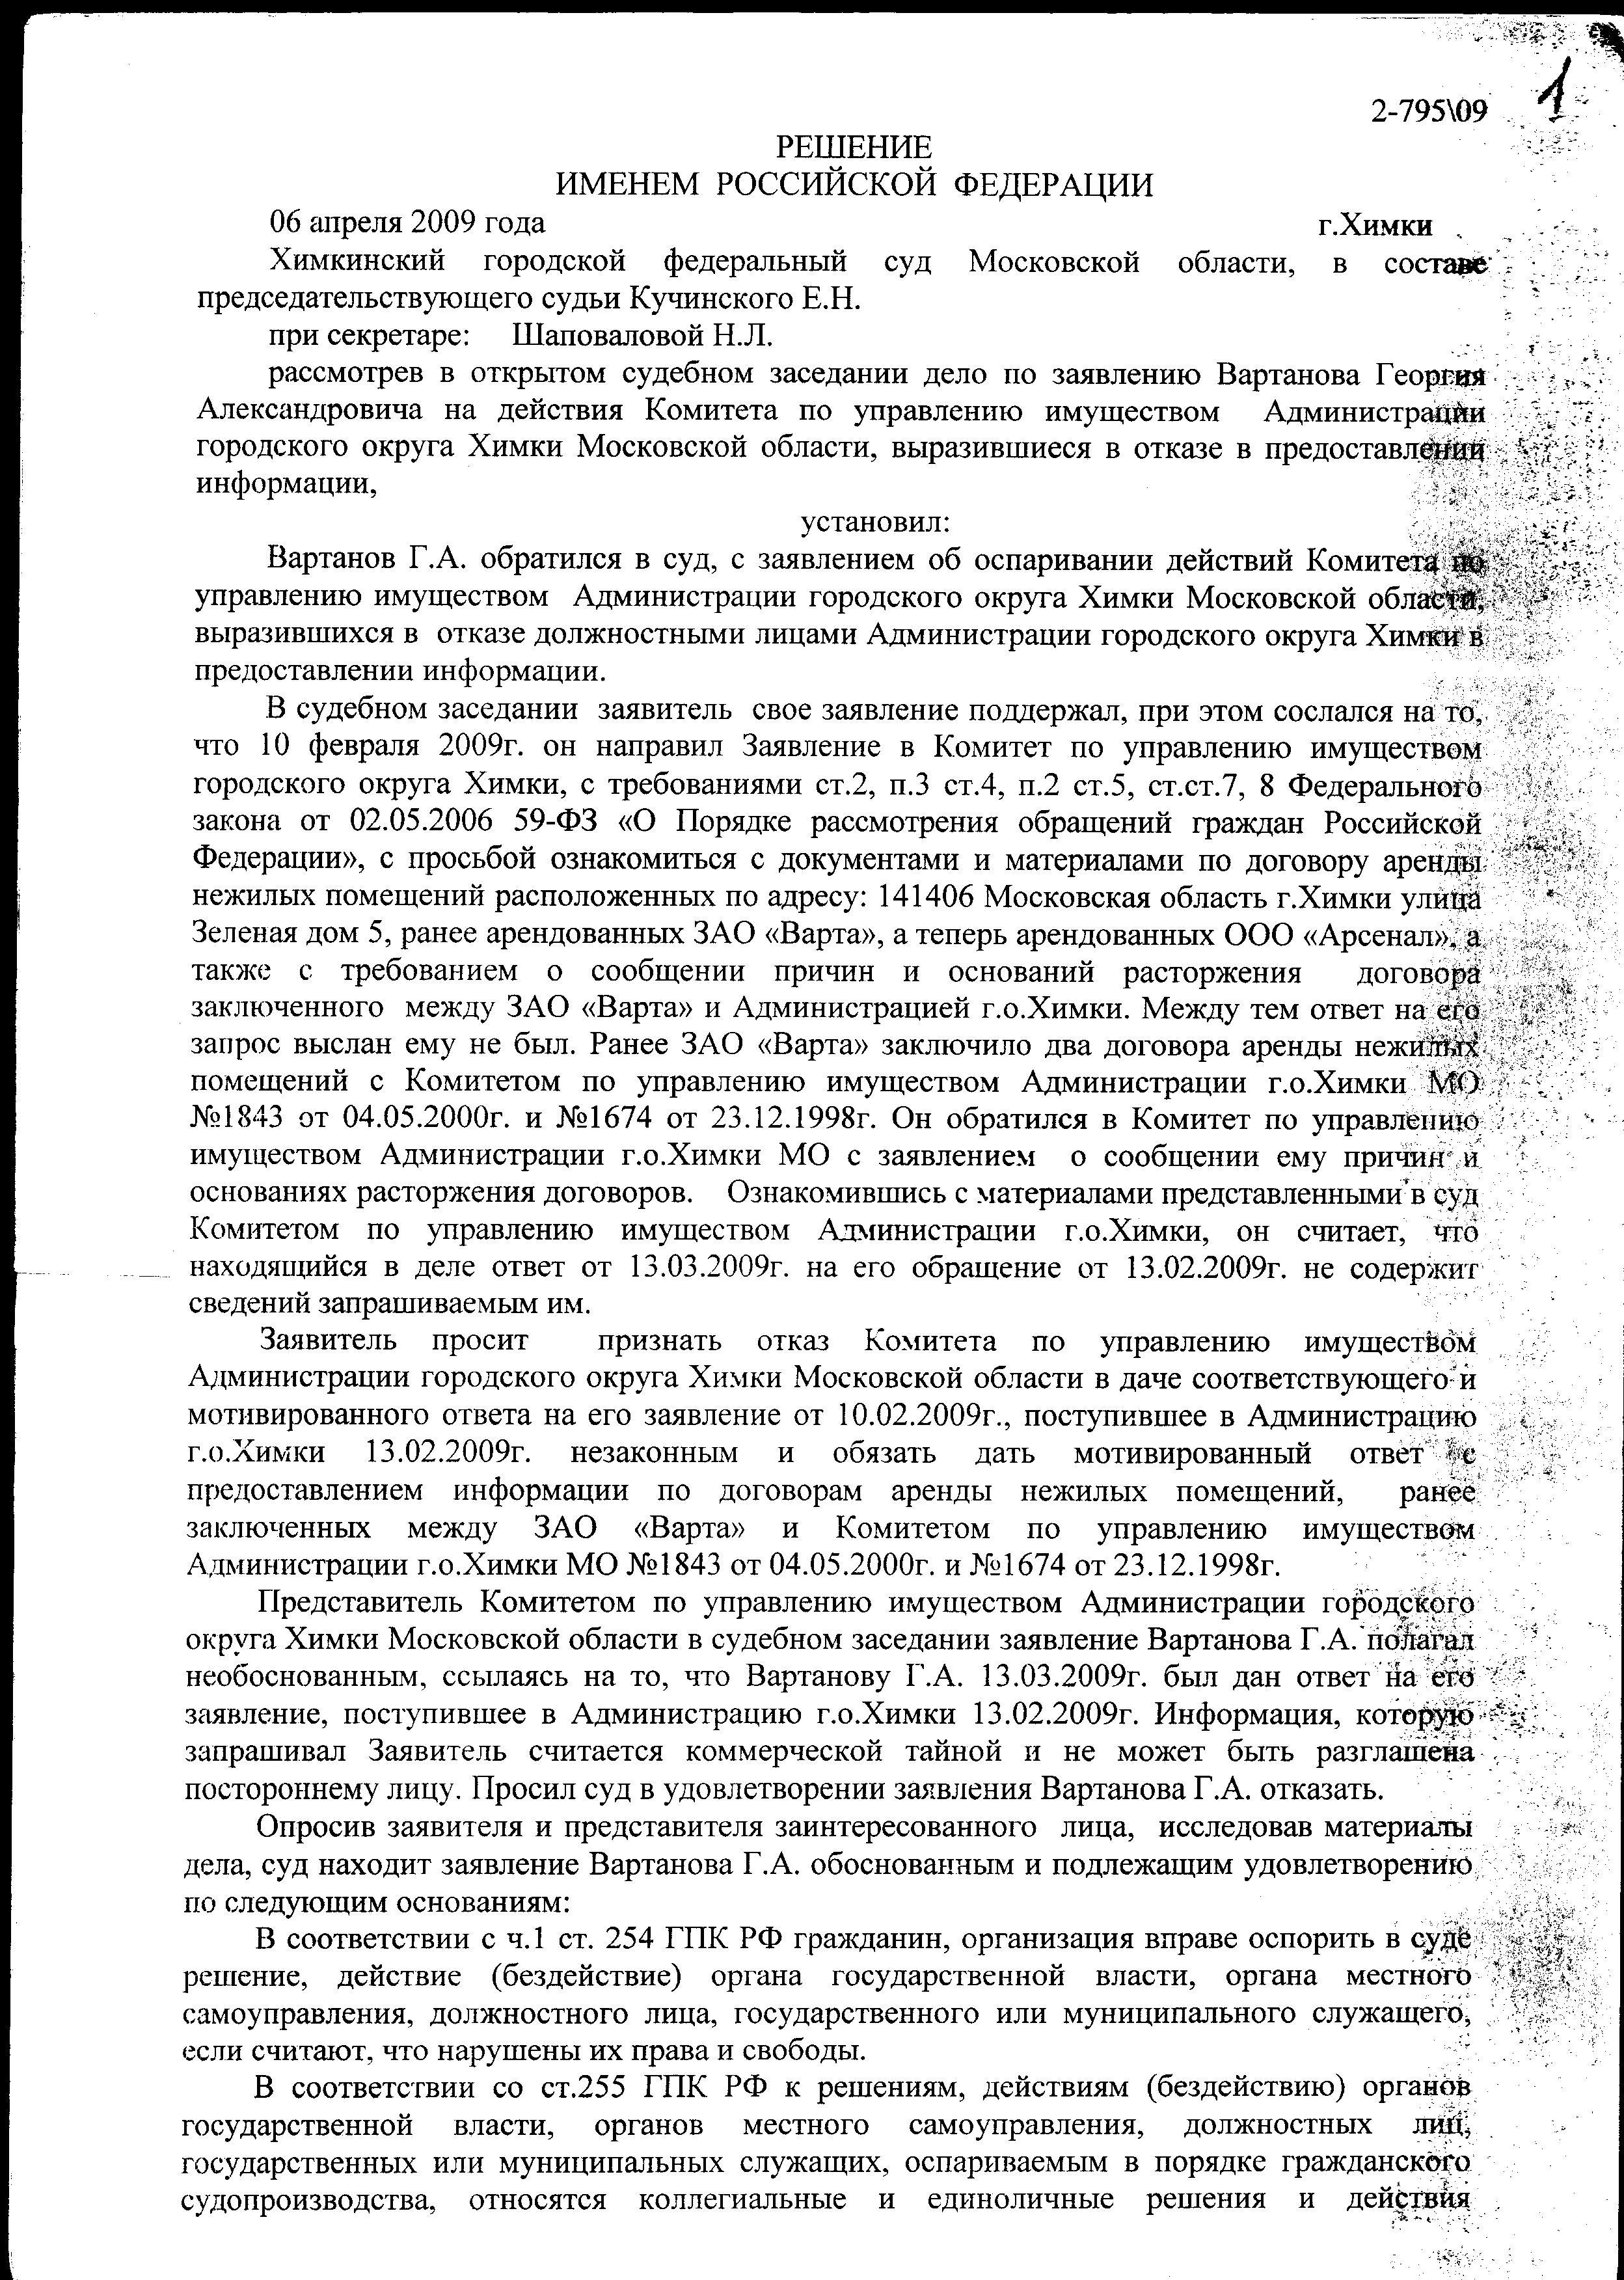 1 лист суда с КУИ Химки Сканер